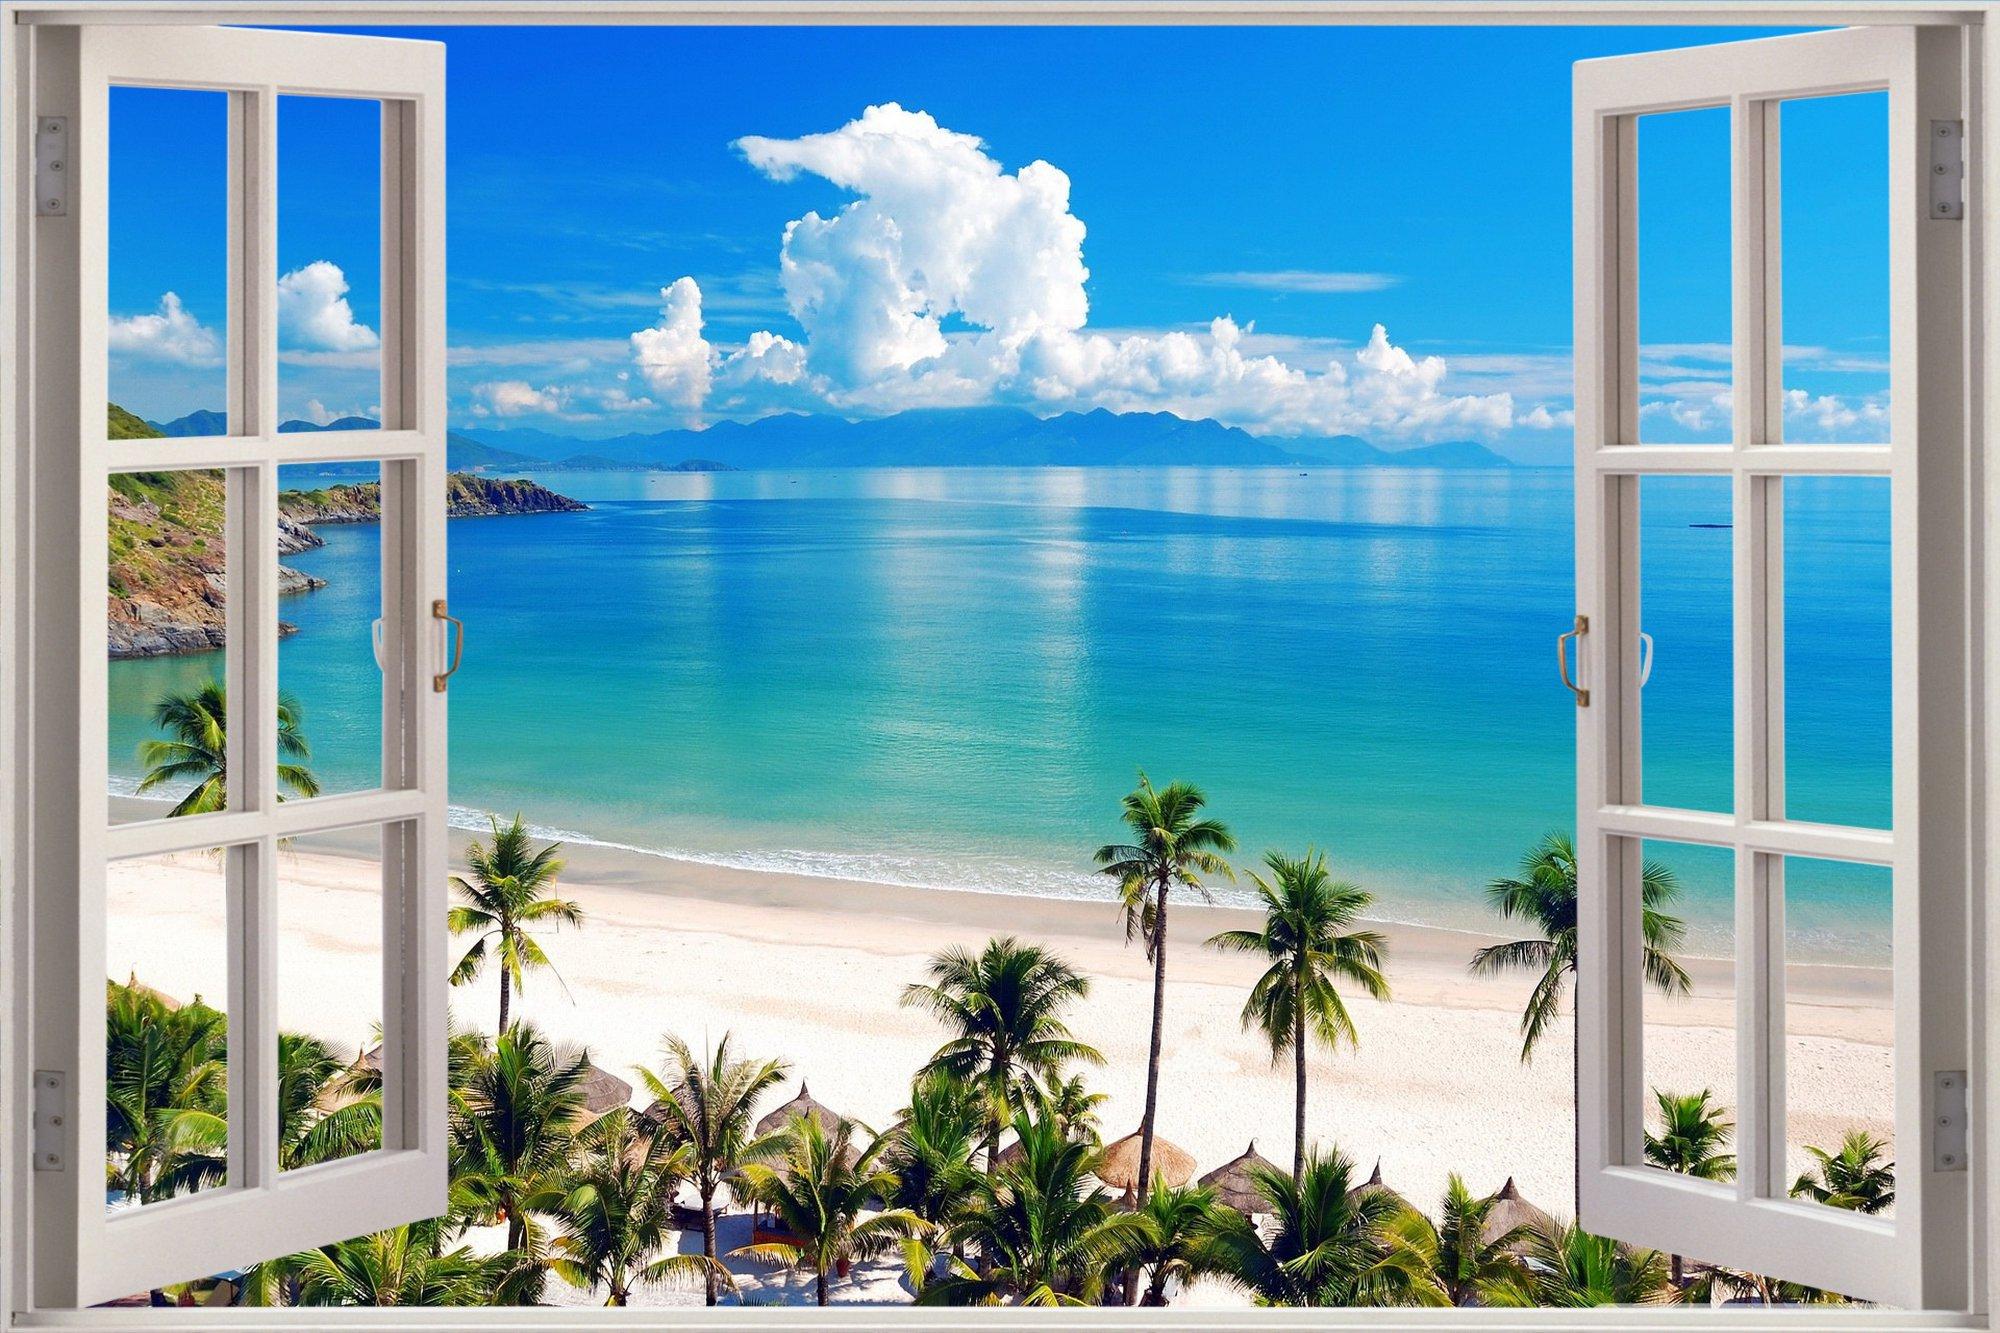 ... Ocean Beach View Wall Stickers Film Art Decal Wallpaper 85 | eBay